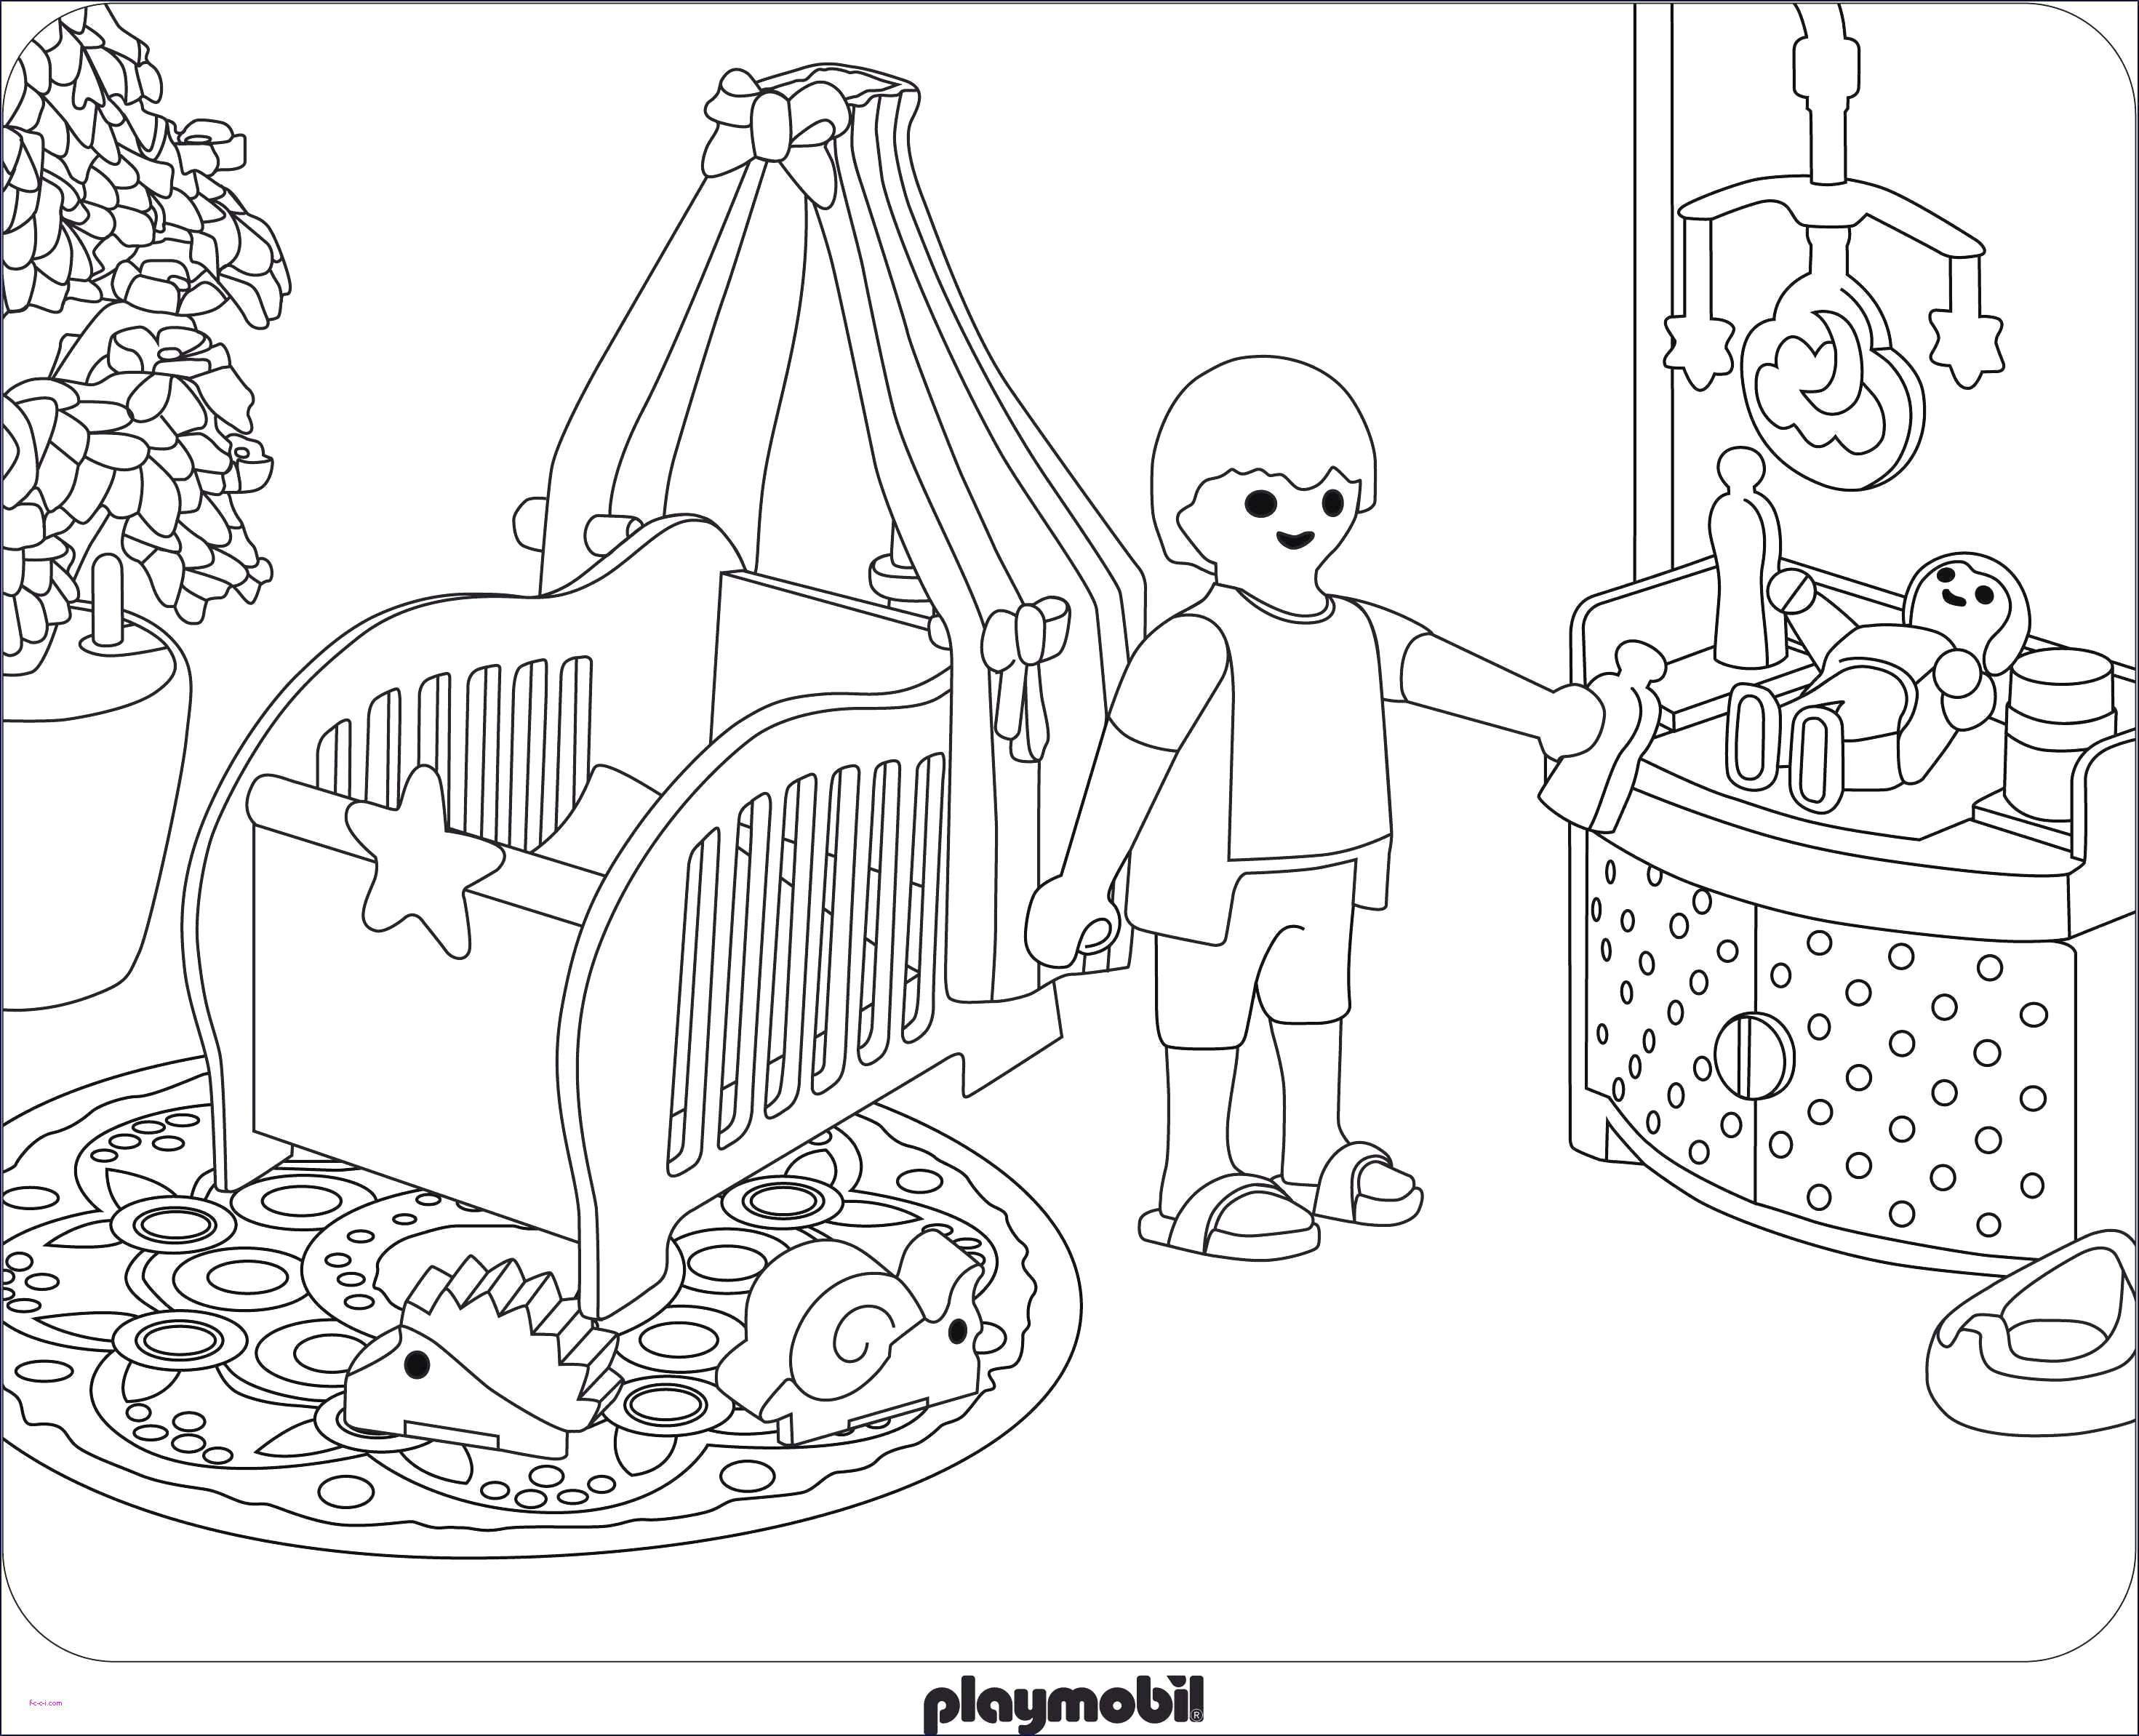 Malvorlage Biene Maja Das Beste Von Kinderzimmer Biene Maja Und 32 Malvorlagen Playmobil Scoredatscore Das Bild